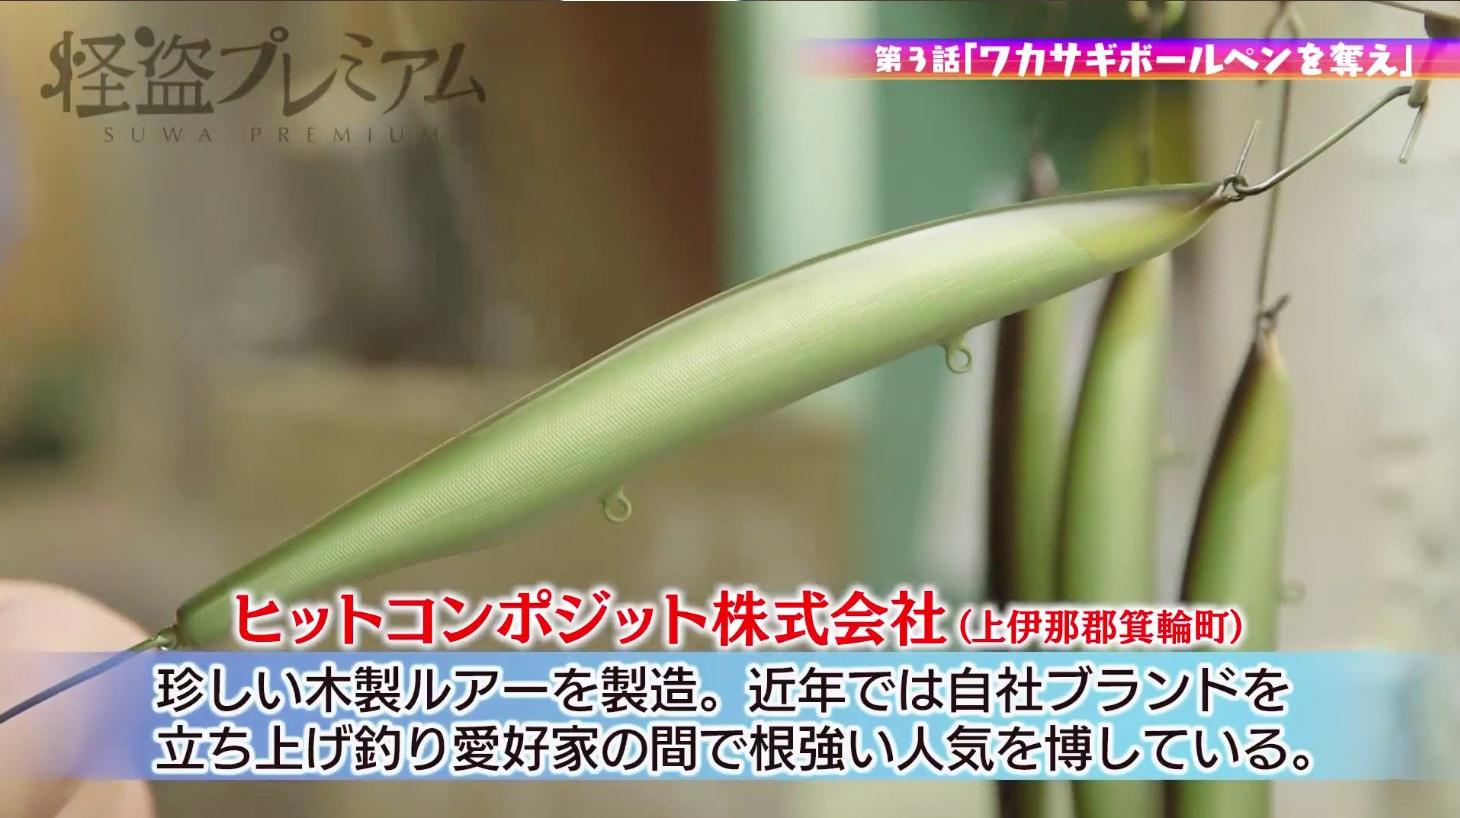 kaitou_photo03-06